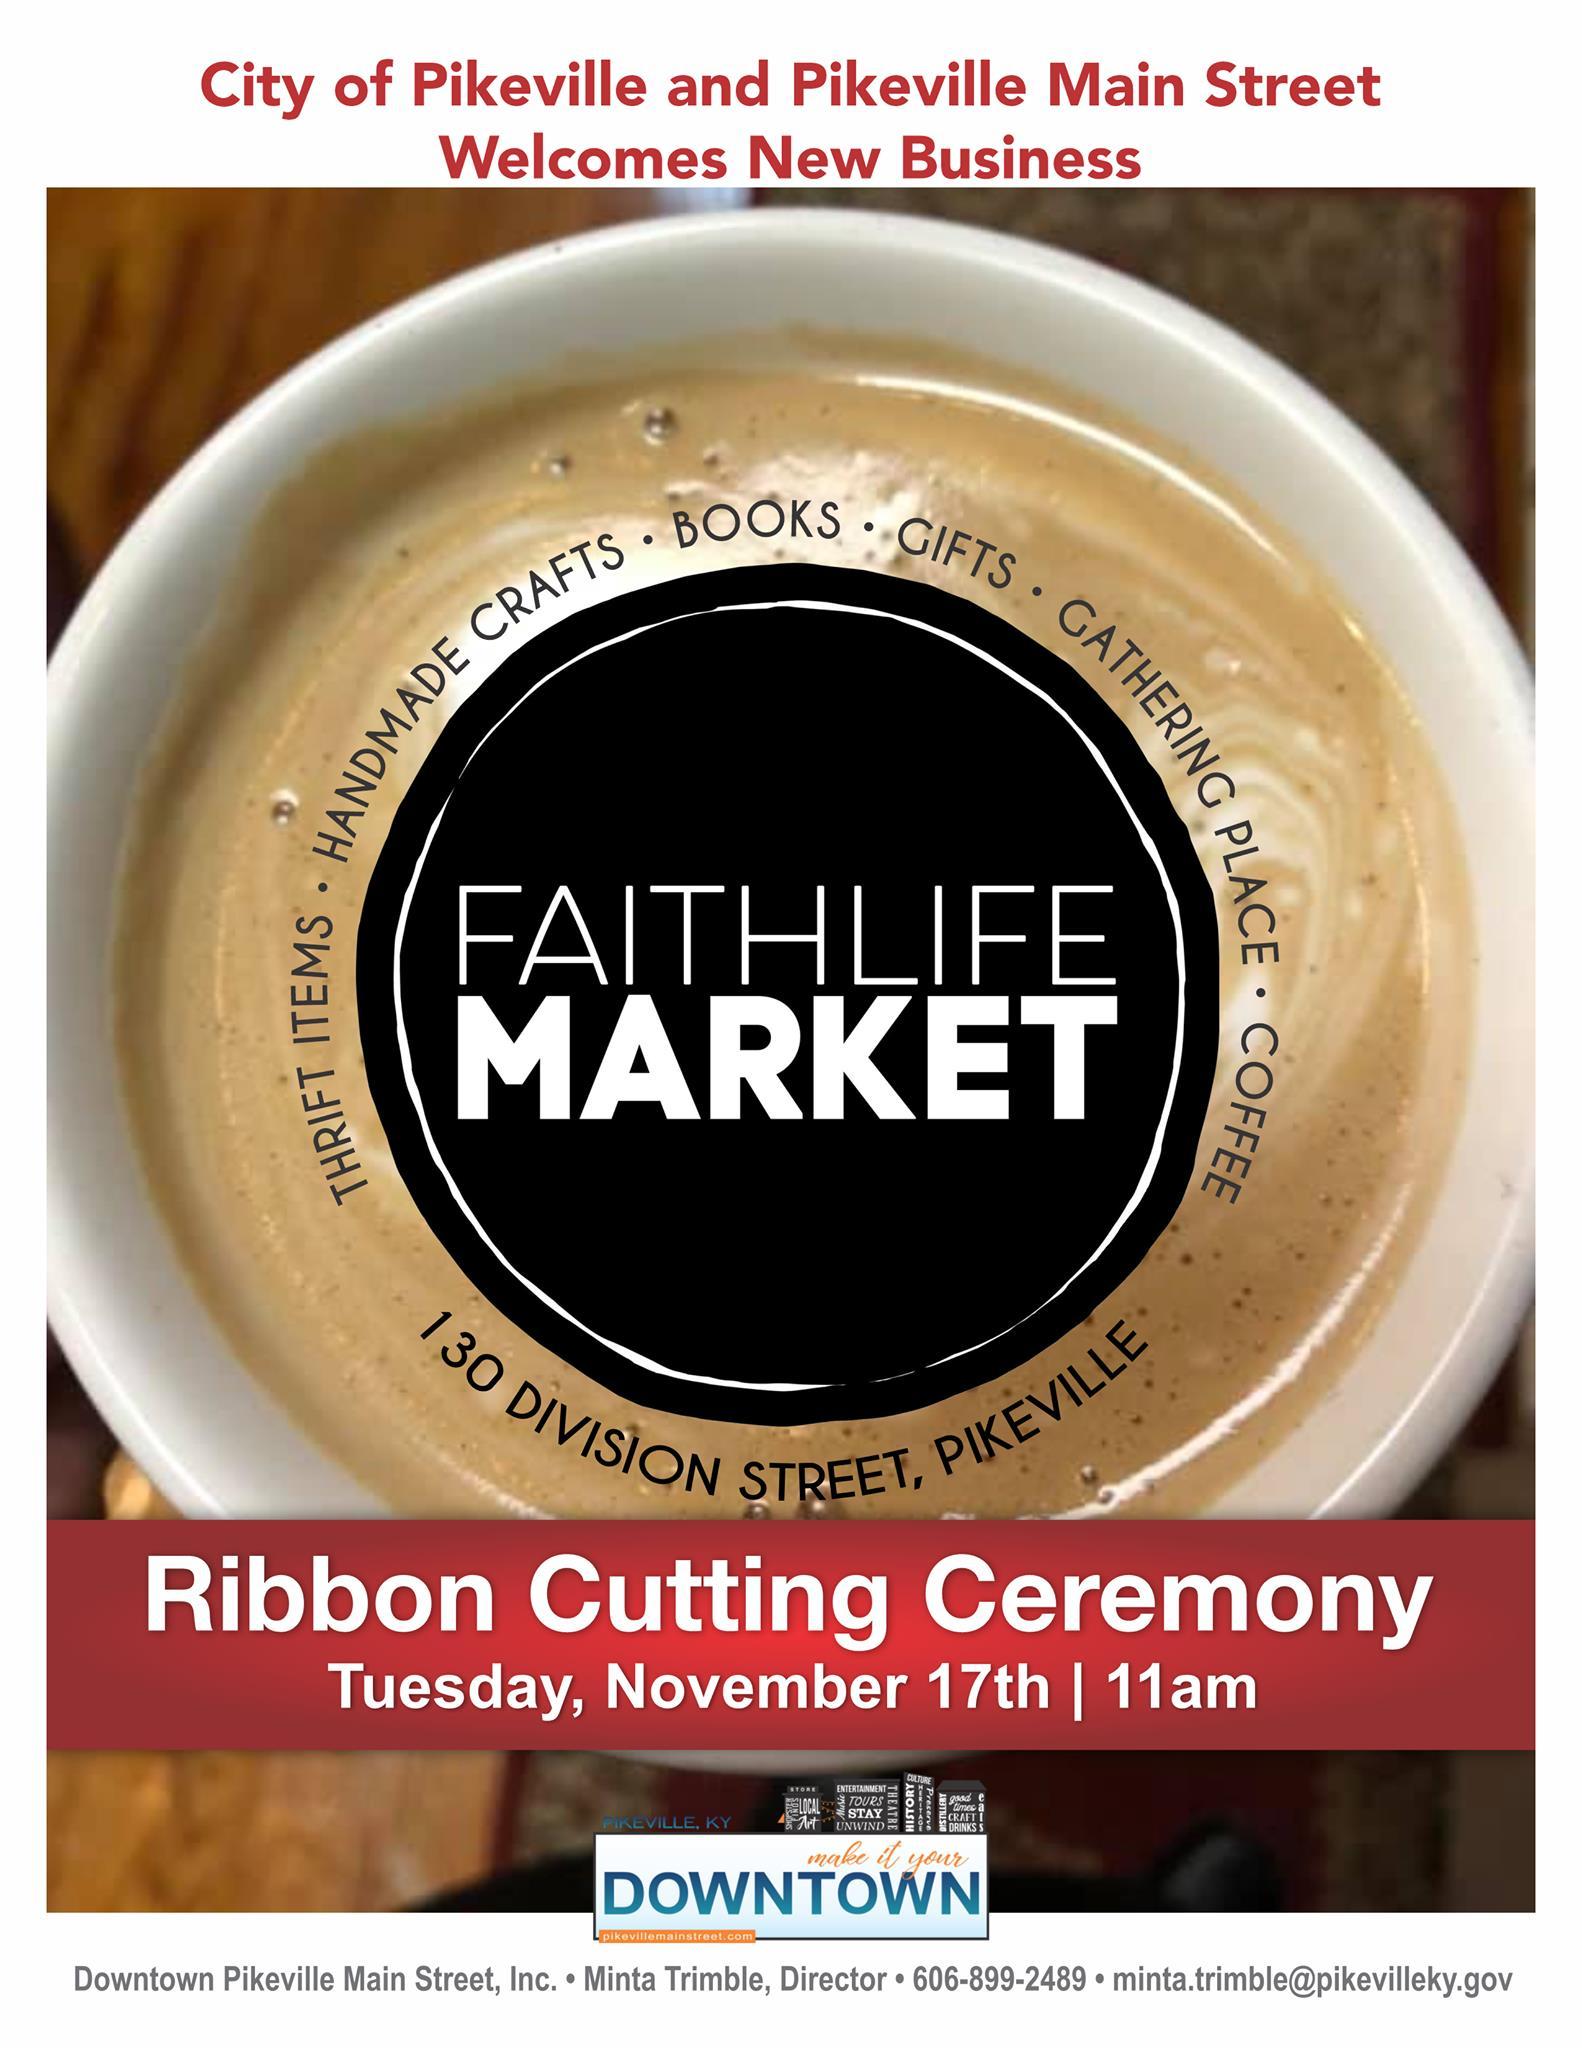 faith life market